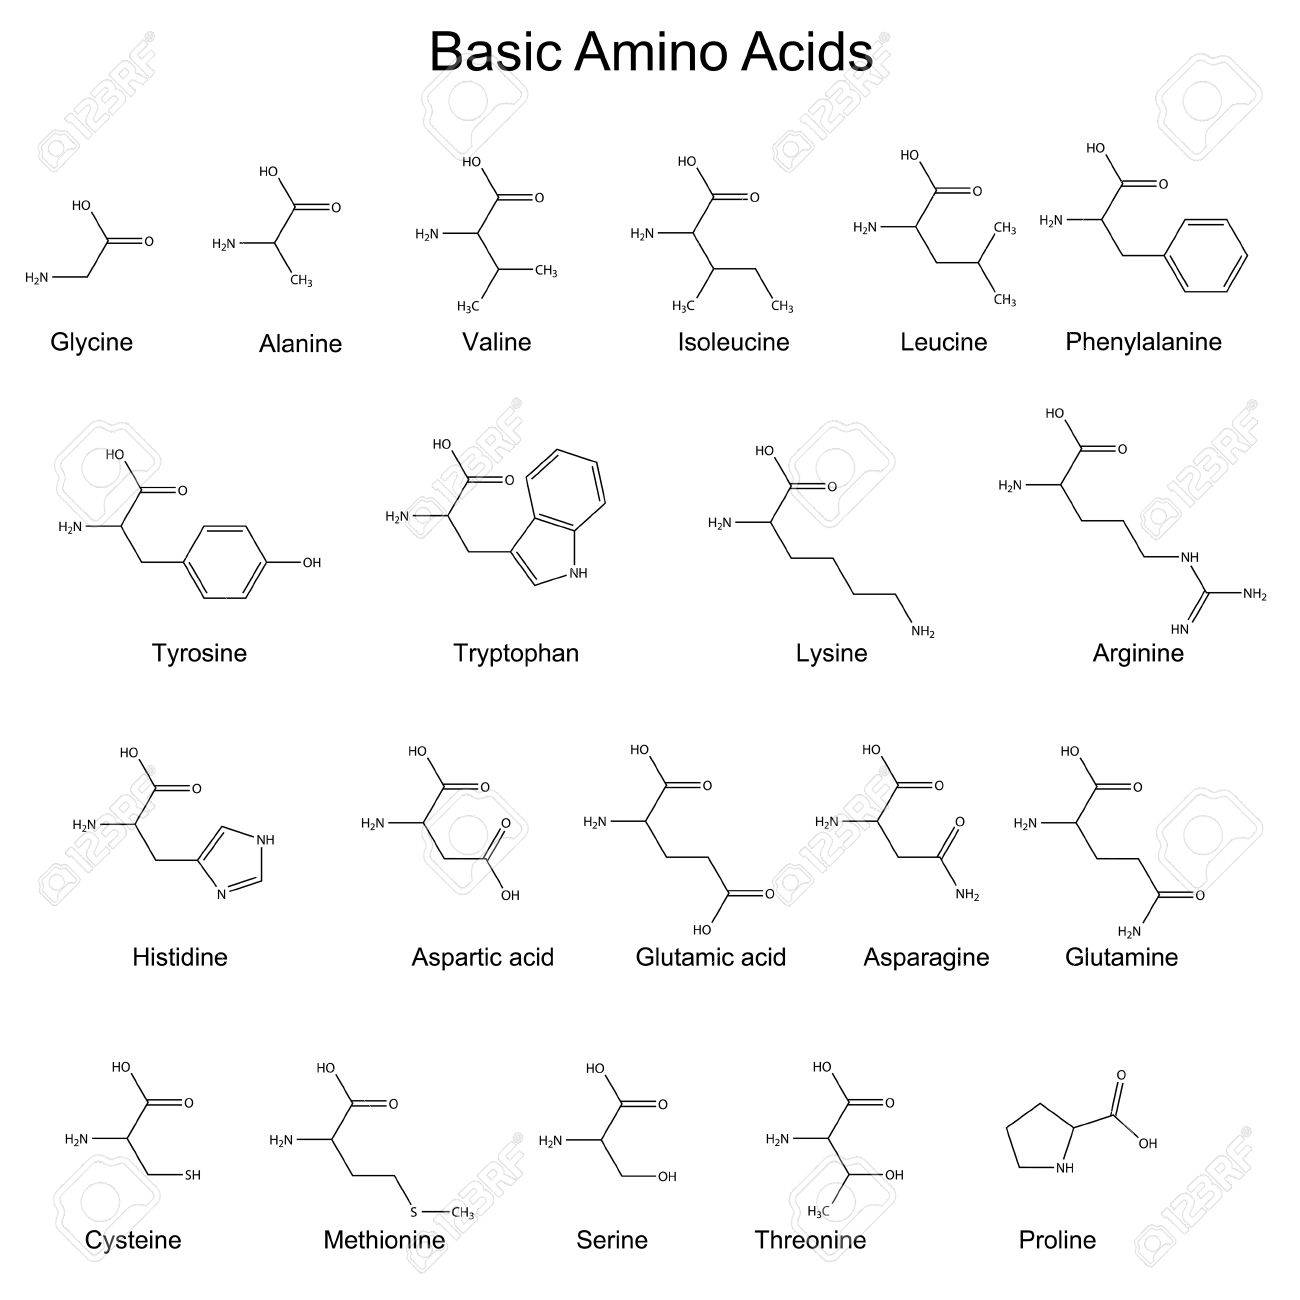 Skeletal strutures of basic amino acids, 2d, vector, eps 8 - 40614606